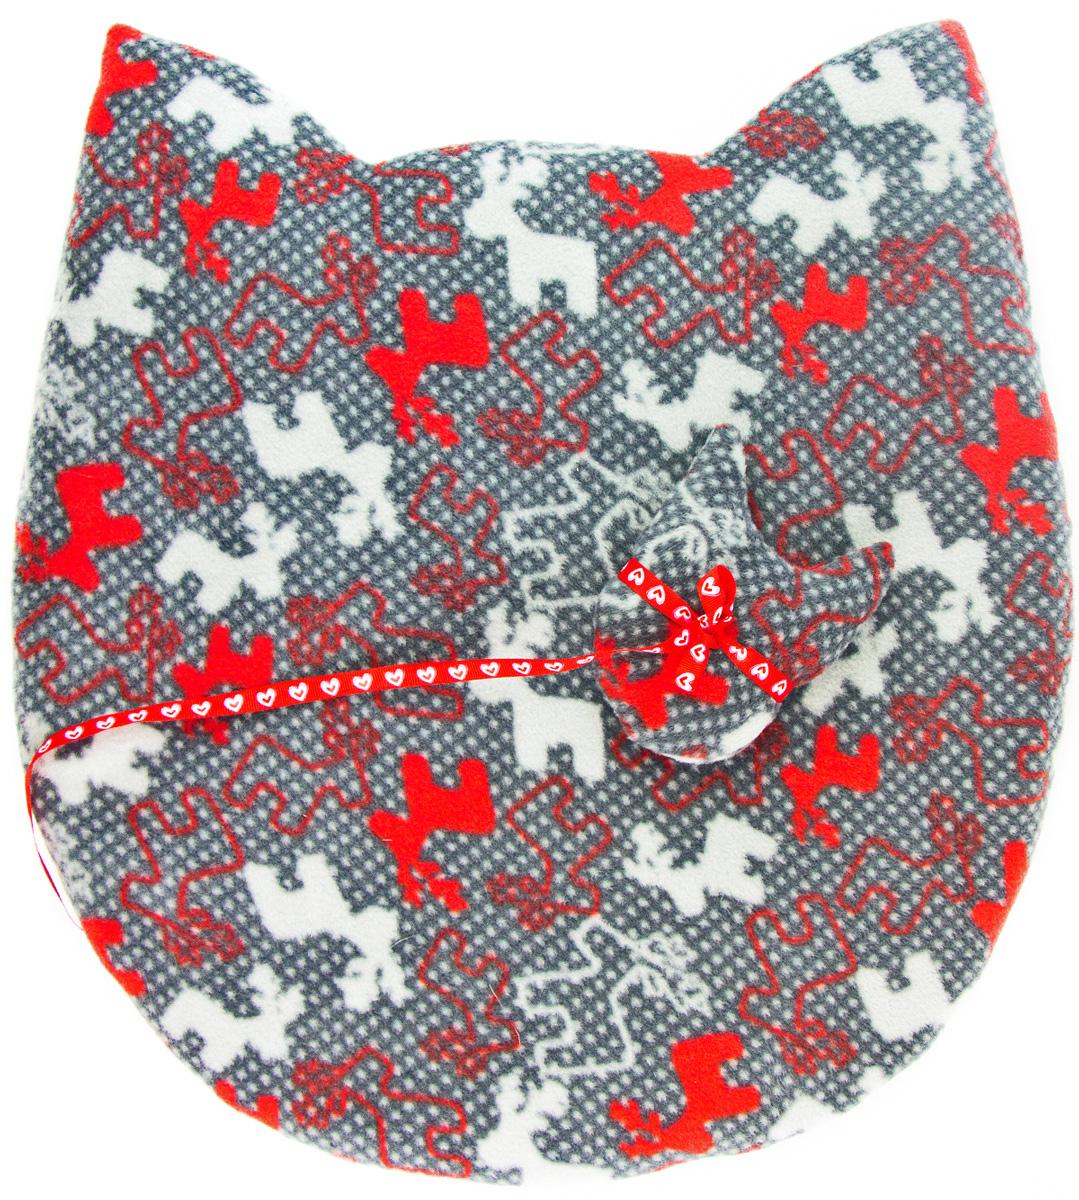 Лежак-коврик для животных Zoobaloo Мордашка. Олени, с игрушкой, 45 х 50 см8911-3Великолепный флисовый лежак-коврик Zoobaloo - это отличный аксессуар для вашего питомца, на котором можно спать, играться и снова, приятно устав, заснуть. Он идеально подходит для полов с любым покрытием. Изделиеподдерживает температурный баланс вашего питомца в любоевремя года. Наполнитель выполнен из синтепона.